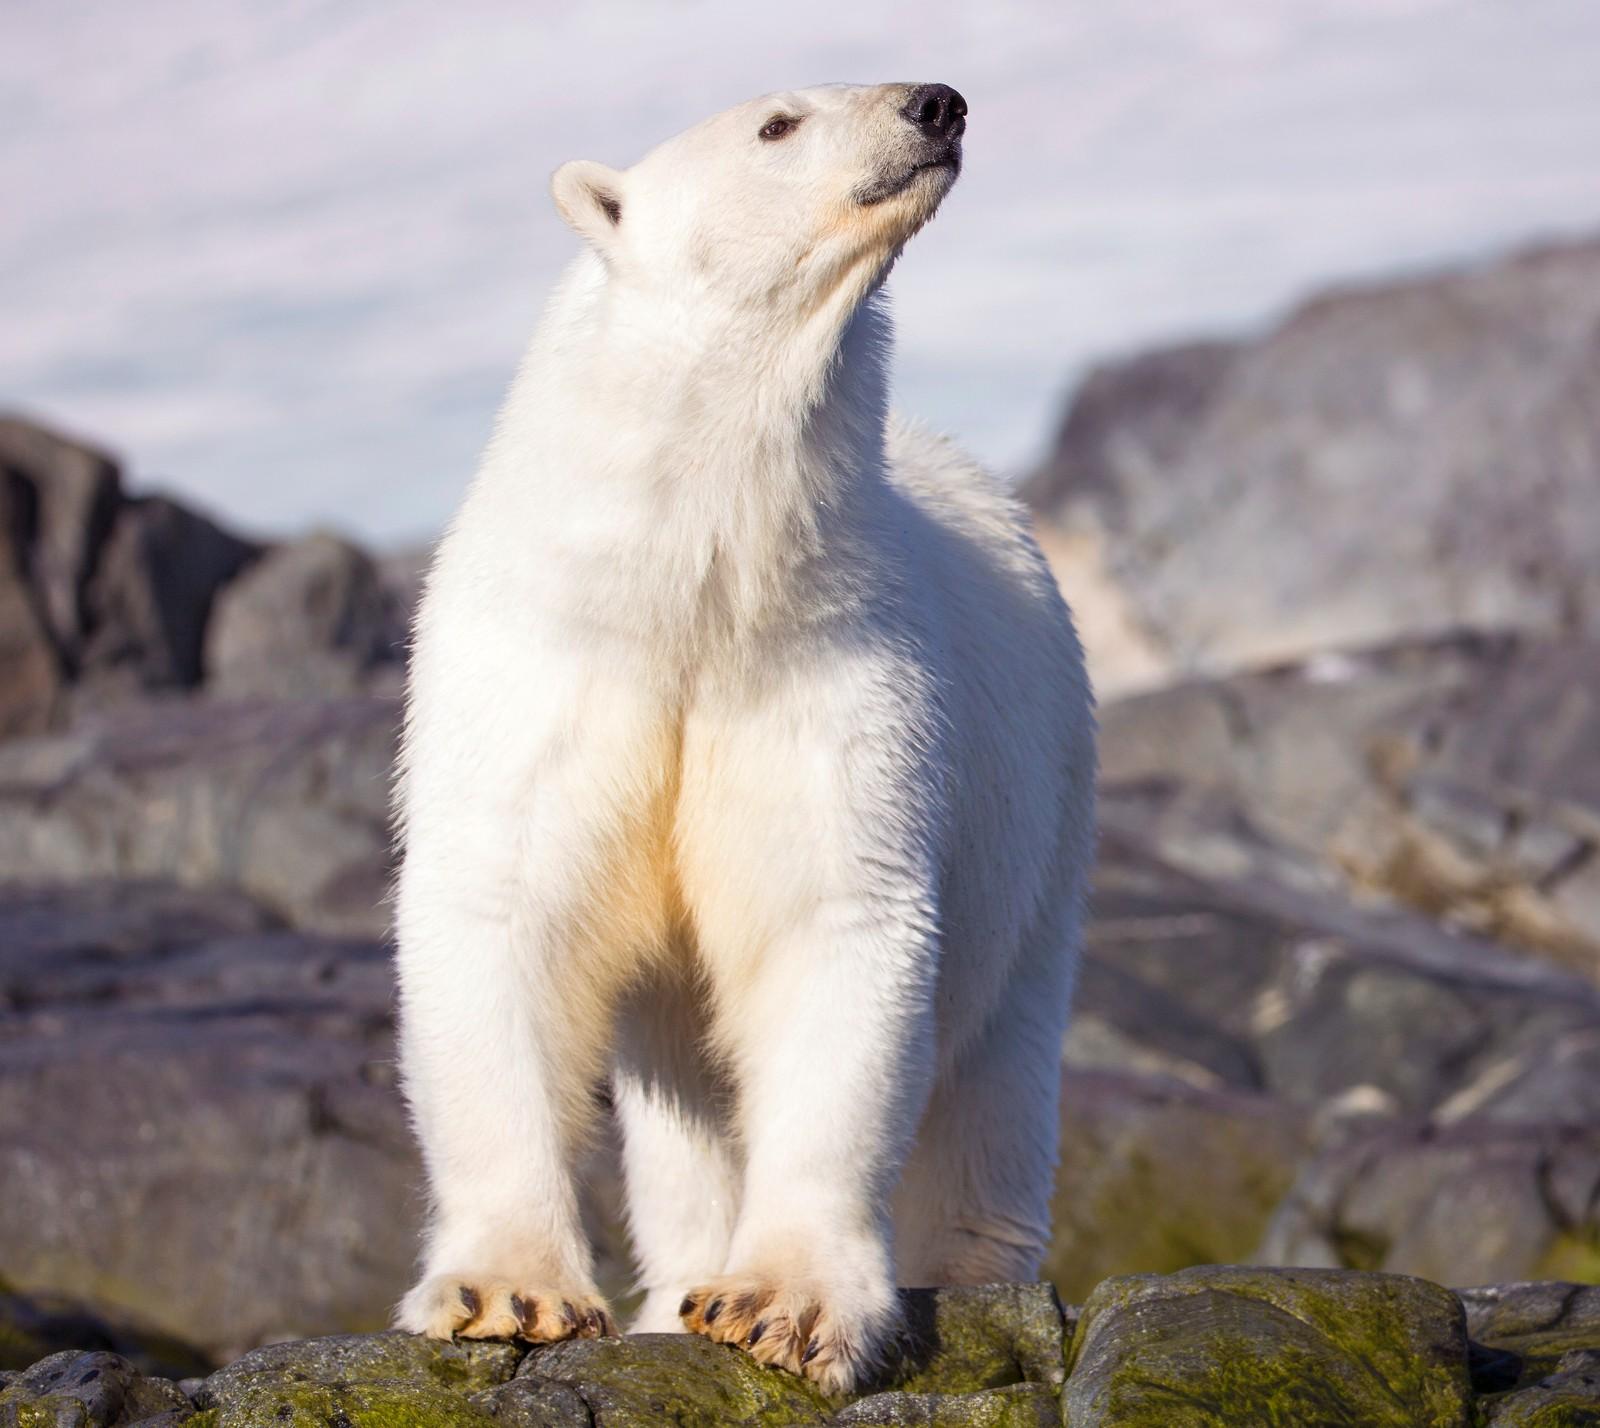 Turistfølget så over 30 isbjørner på den to uker lange ekspedisjonen. - Mange av dem virket å være i god form, sier Svein Wik.